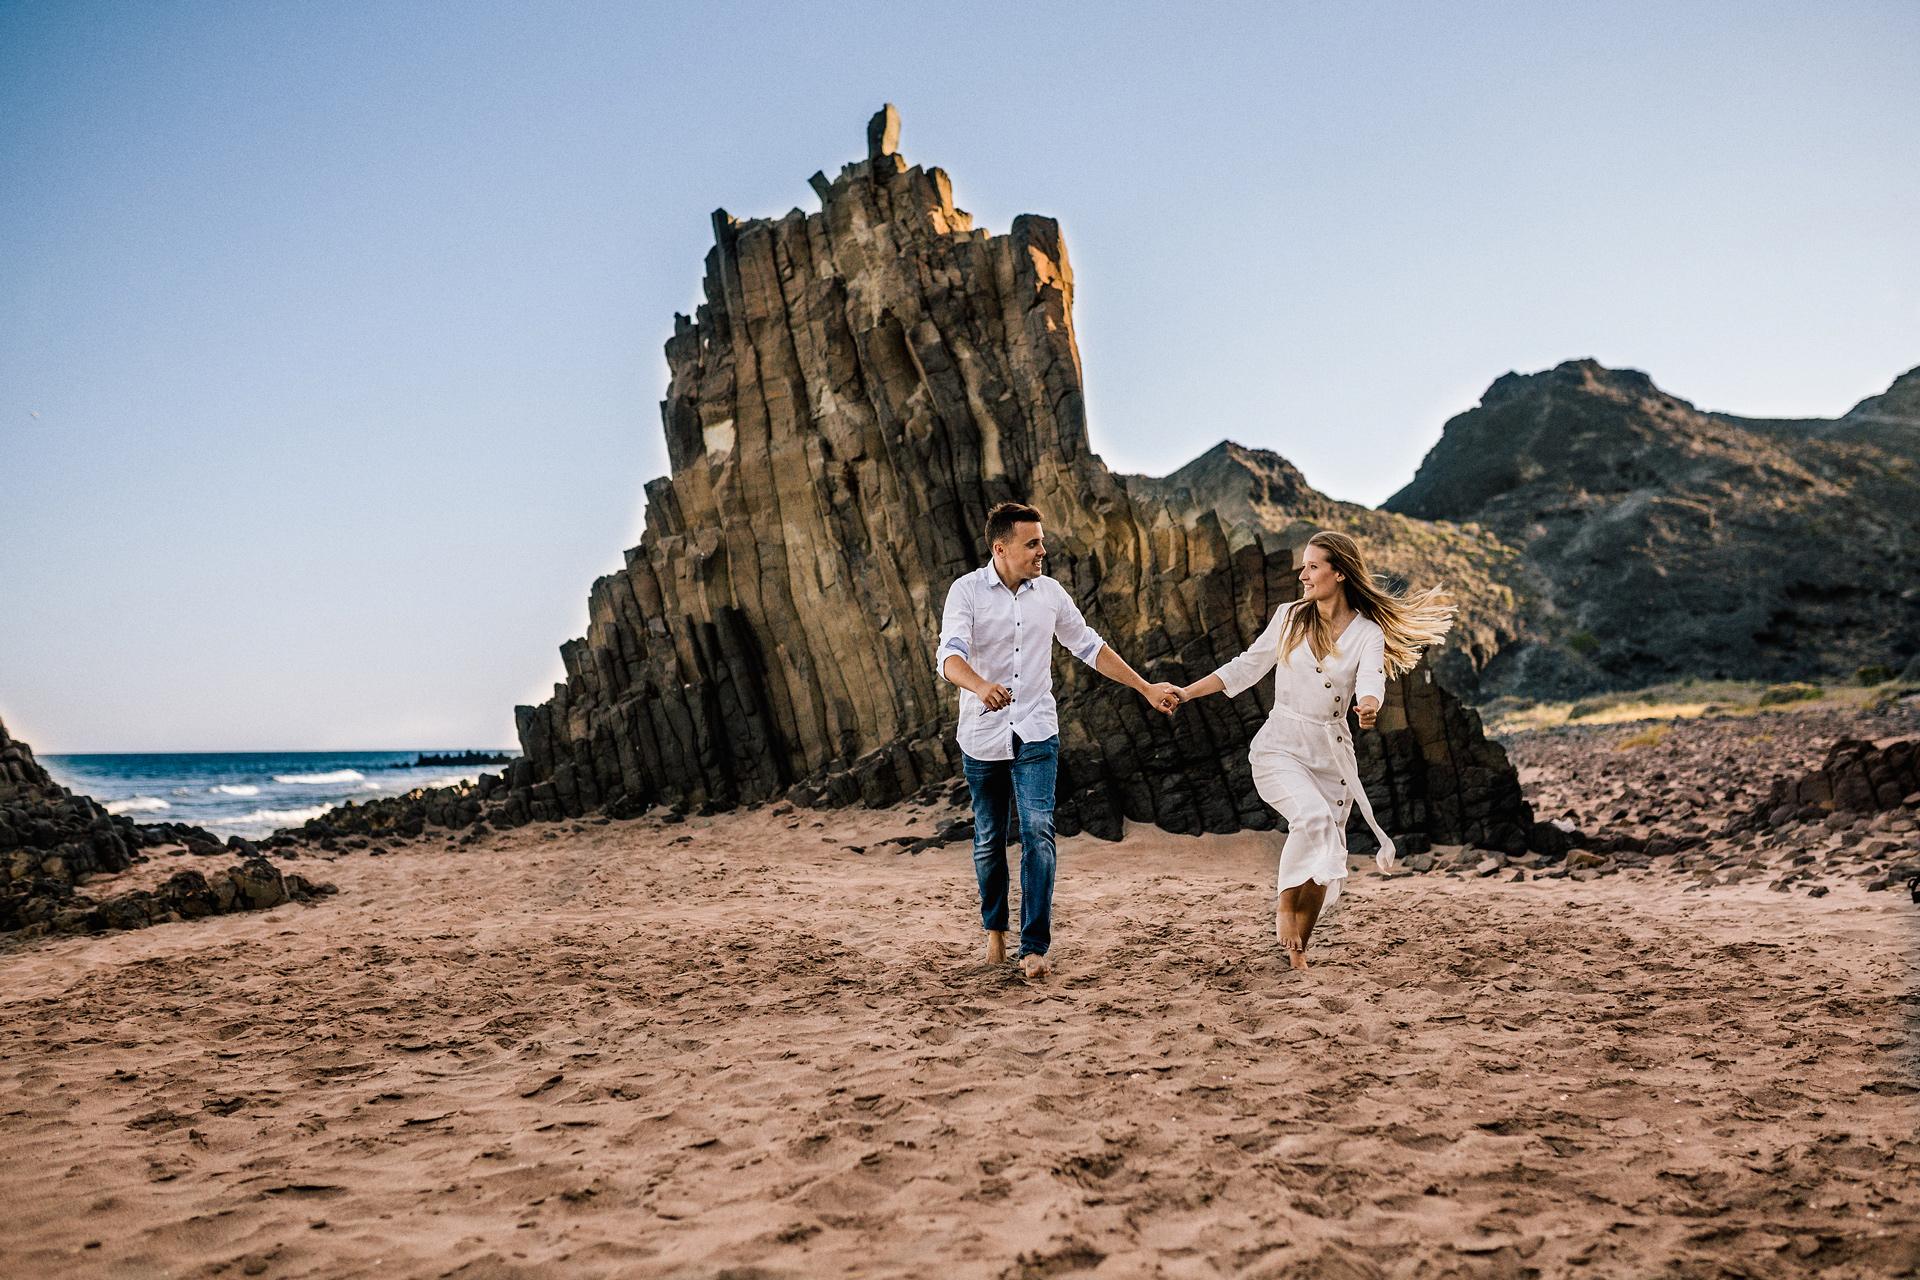 Pre boda en Cabo de Gata (Almería) Sara & Cristiano